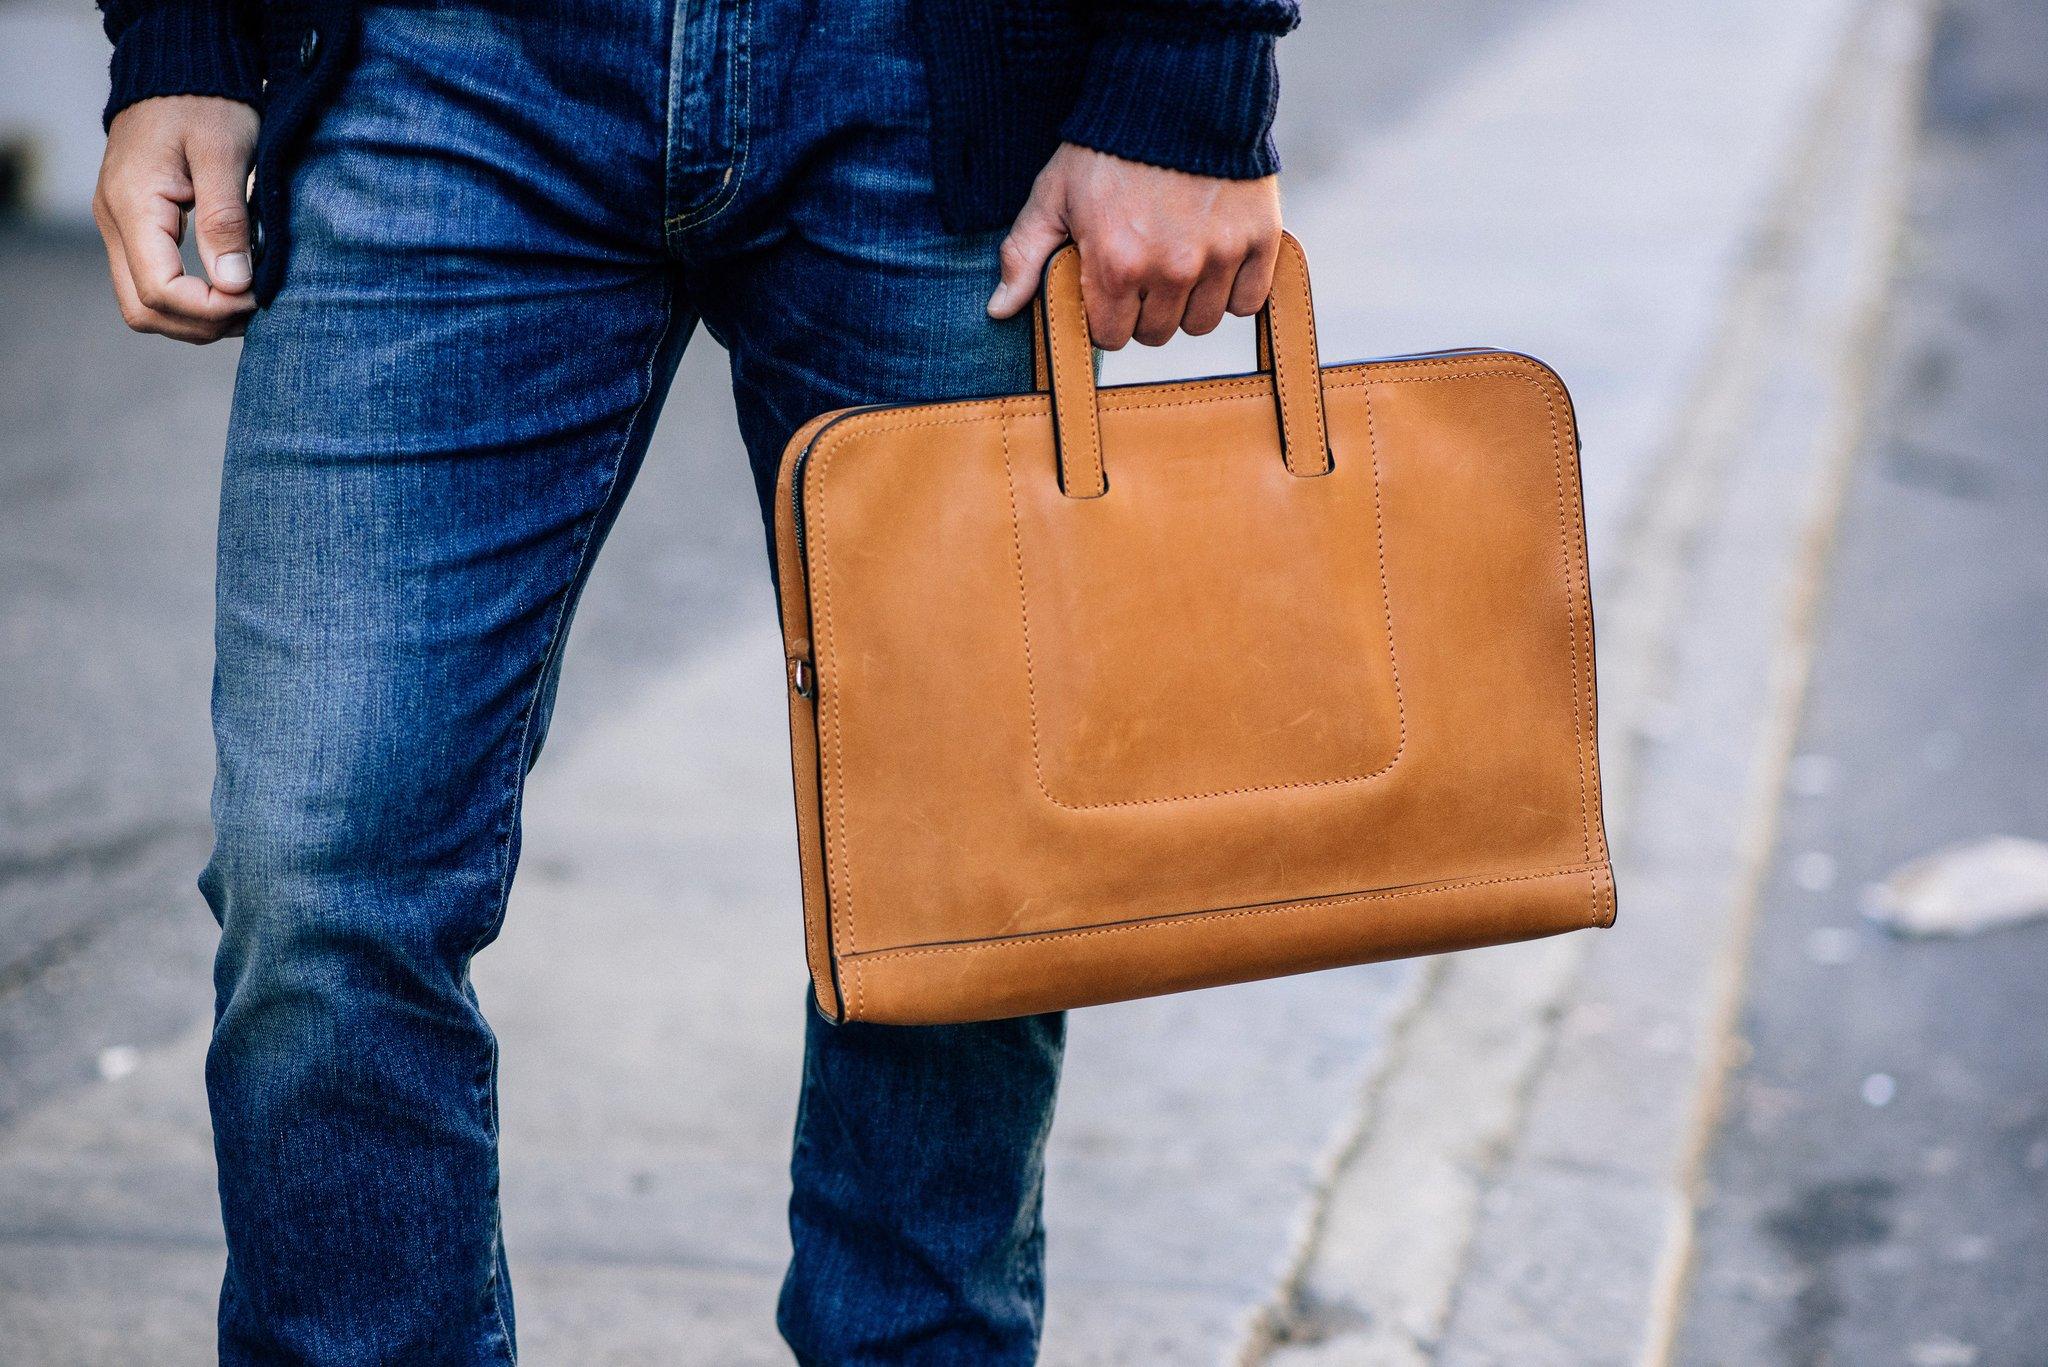 Điểm nổi trội khiến túi xách Korchmar đáng mua nhất